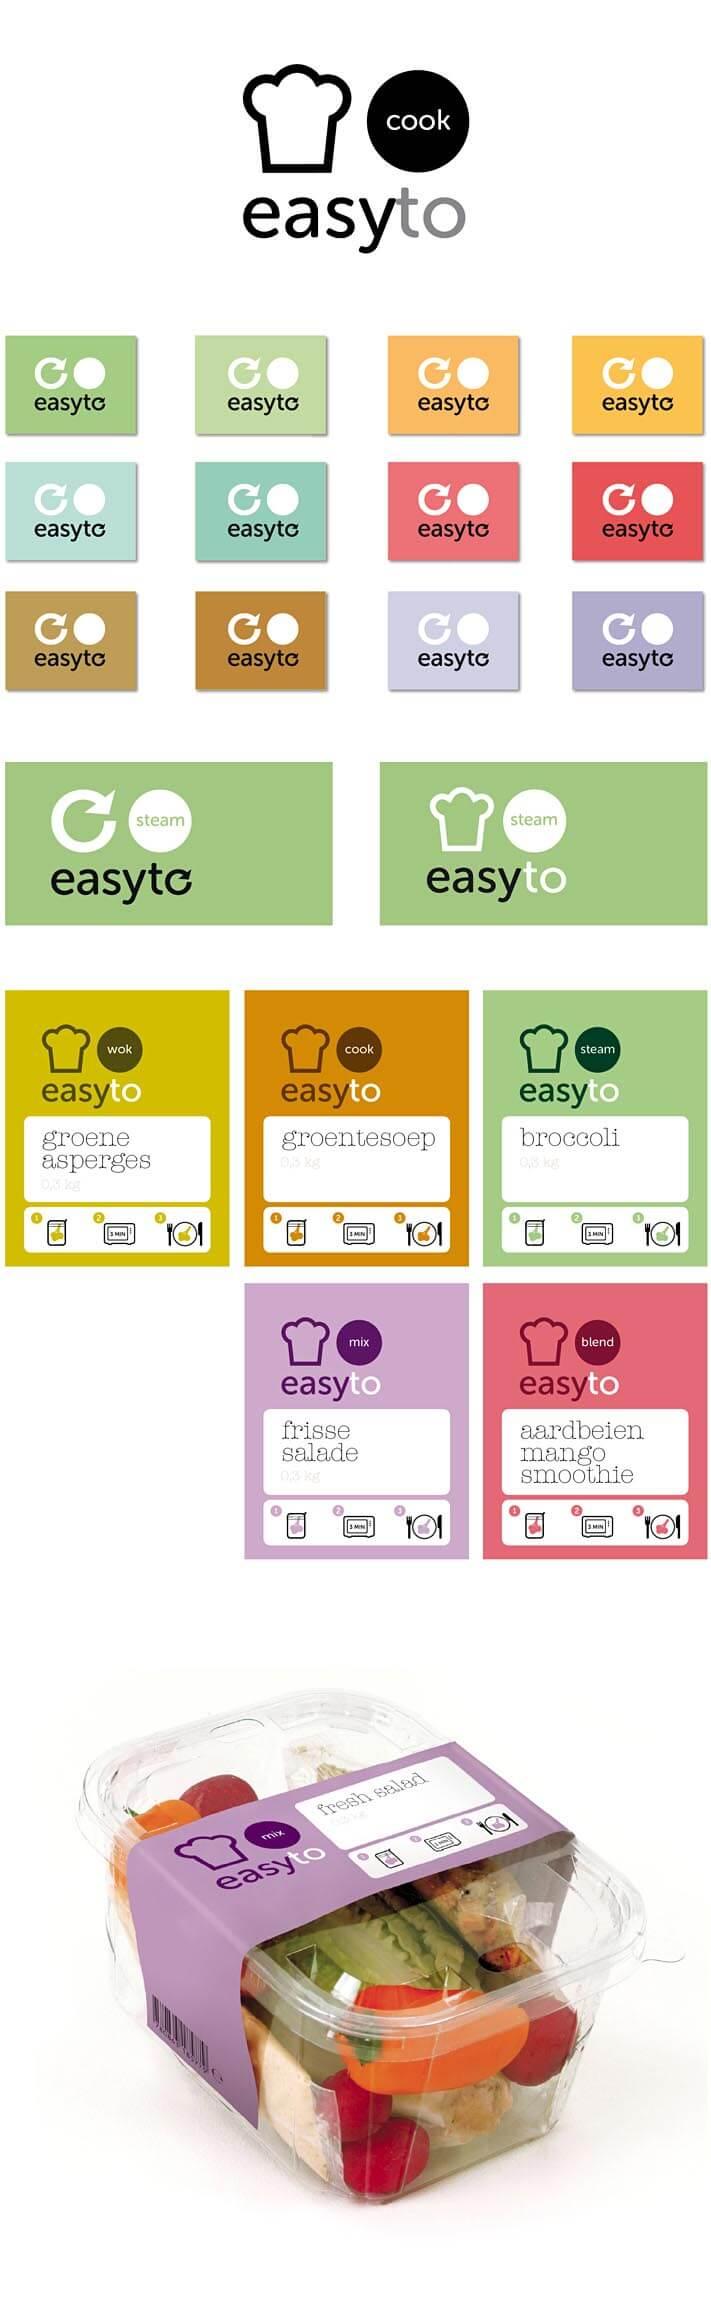 Easyto-merk-realisatie-huisstijl